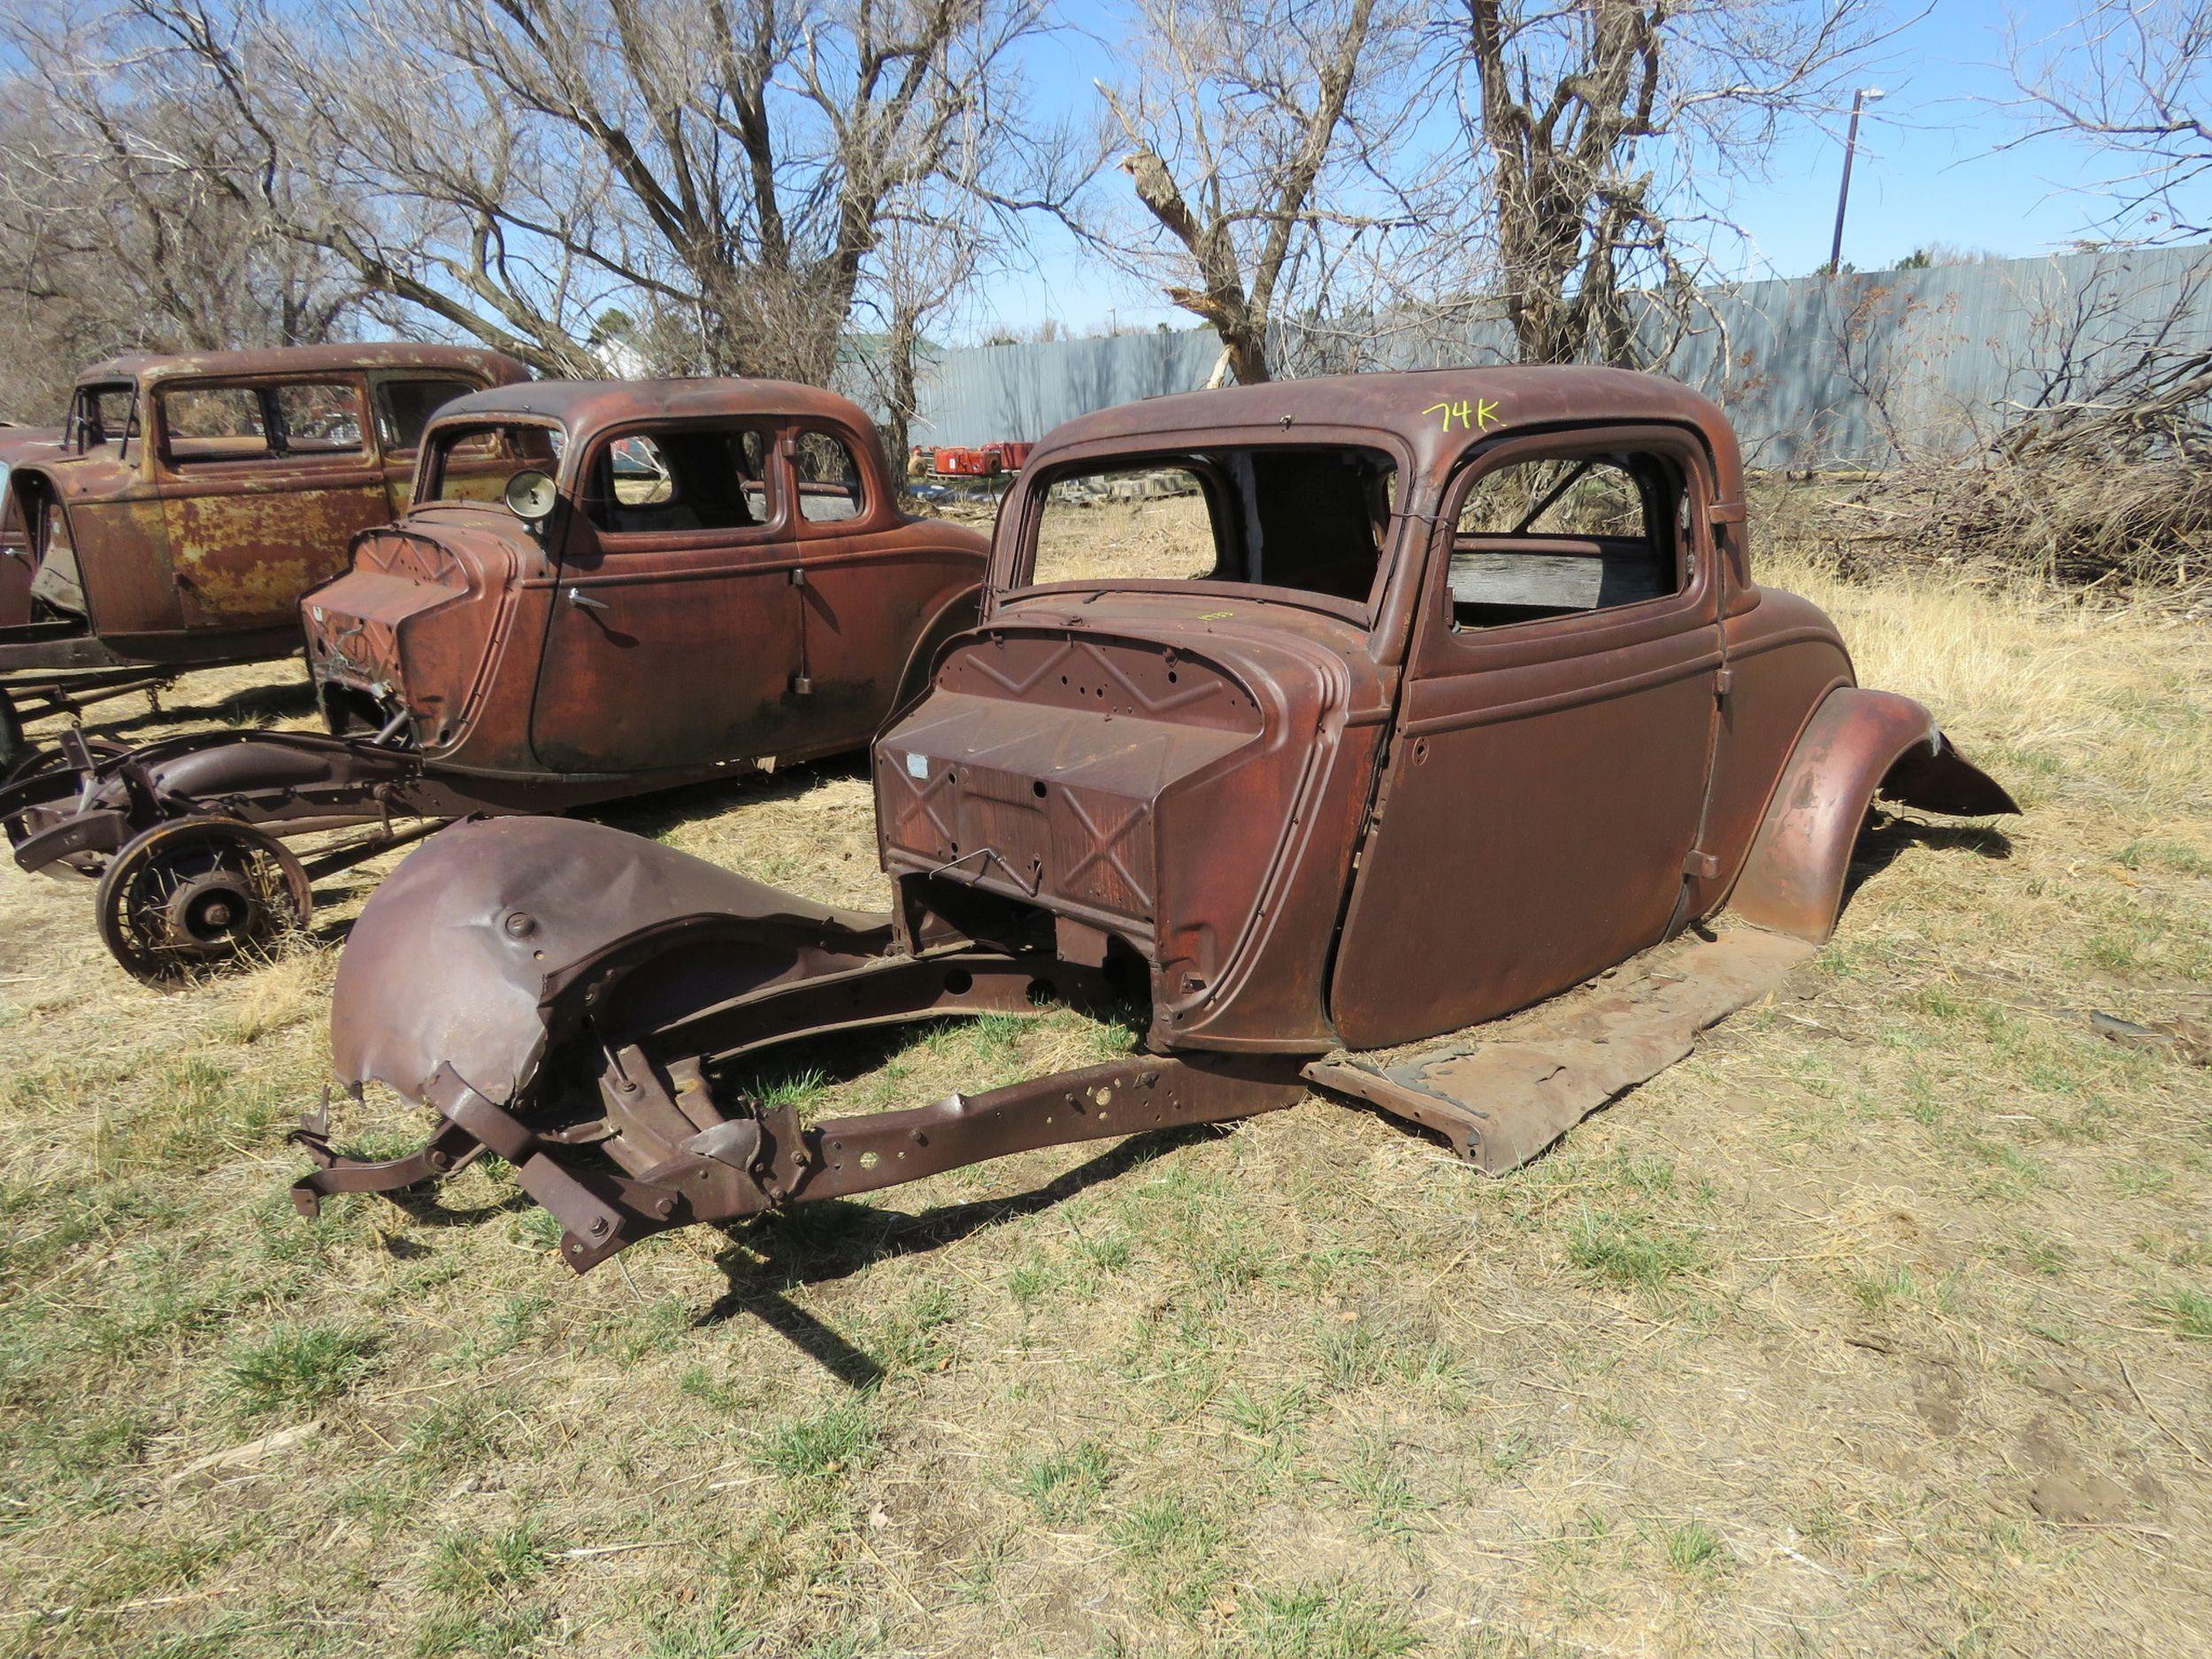 Vanderbrink - Krinke Collection - 1933 Ford project